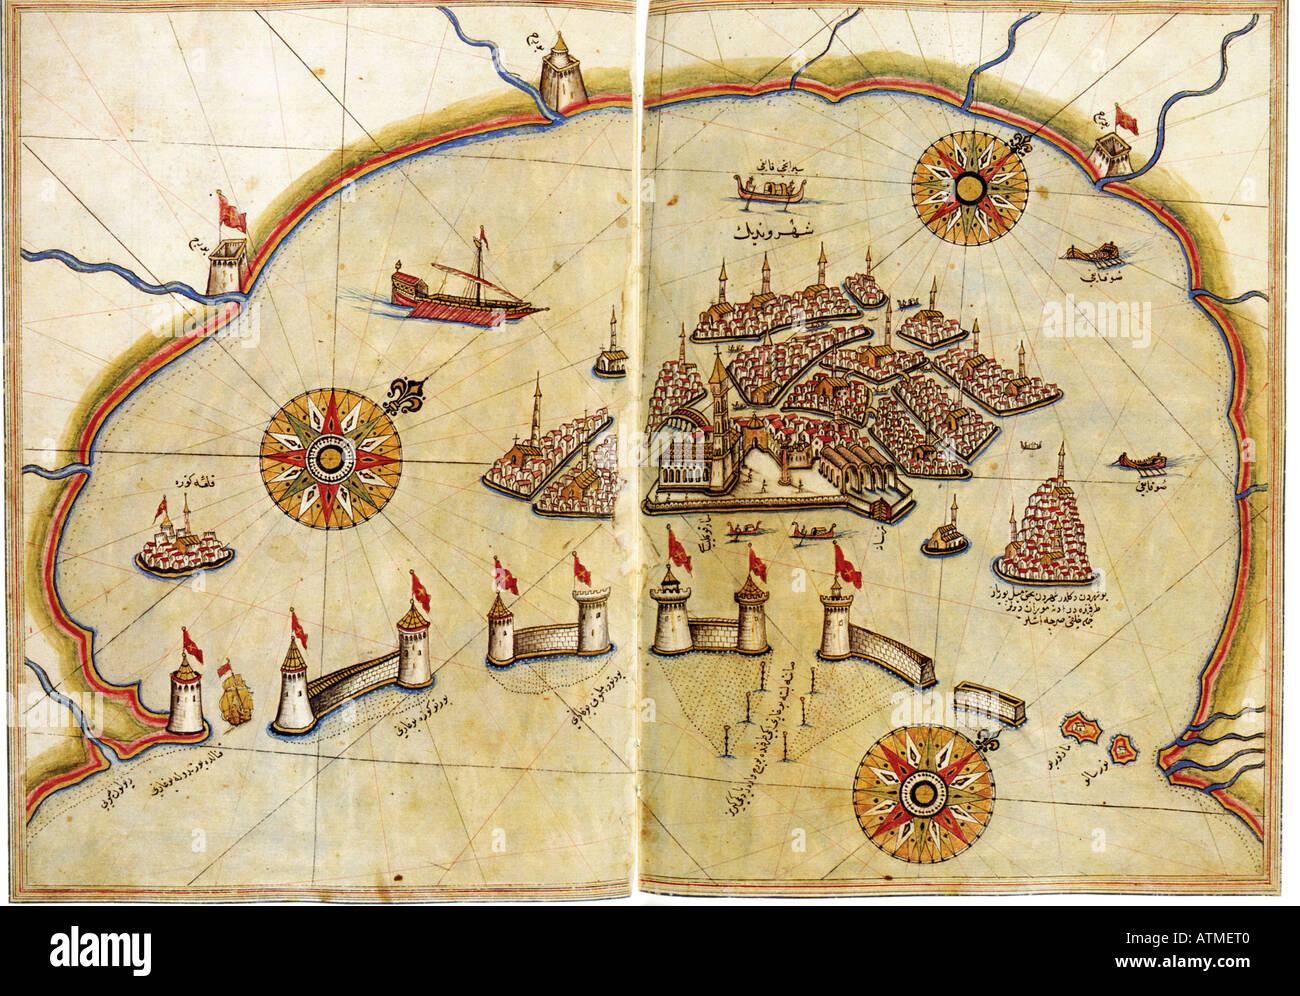 Graphique historique de Venise par Kitab Piri Reis Bahriye je l'université d'Istanbul Turquie bibliothèque Photo Stock